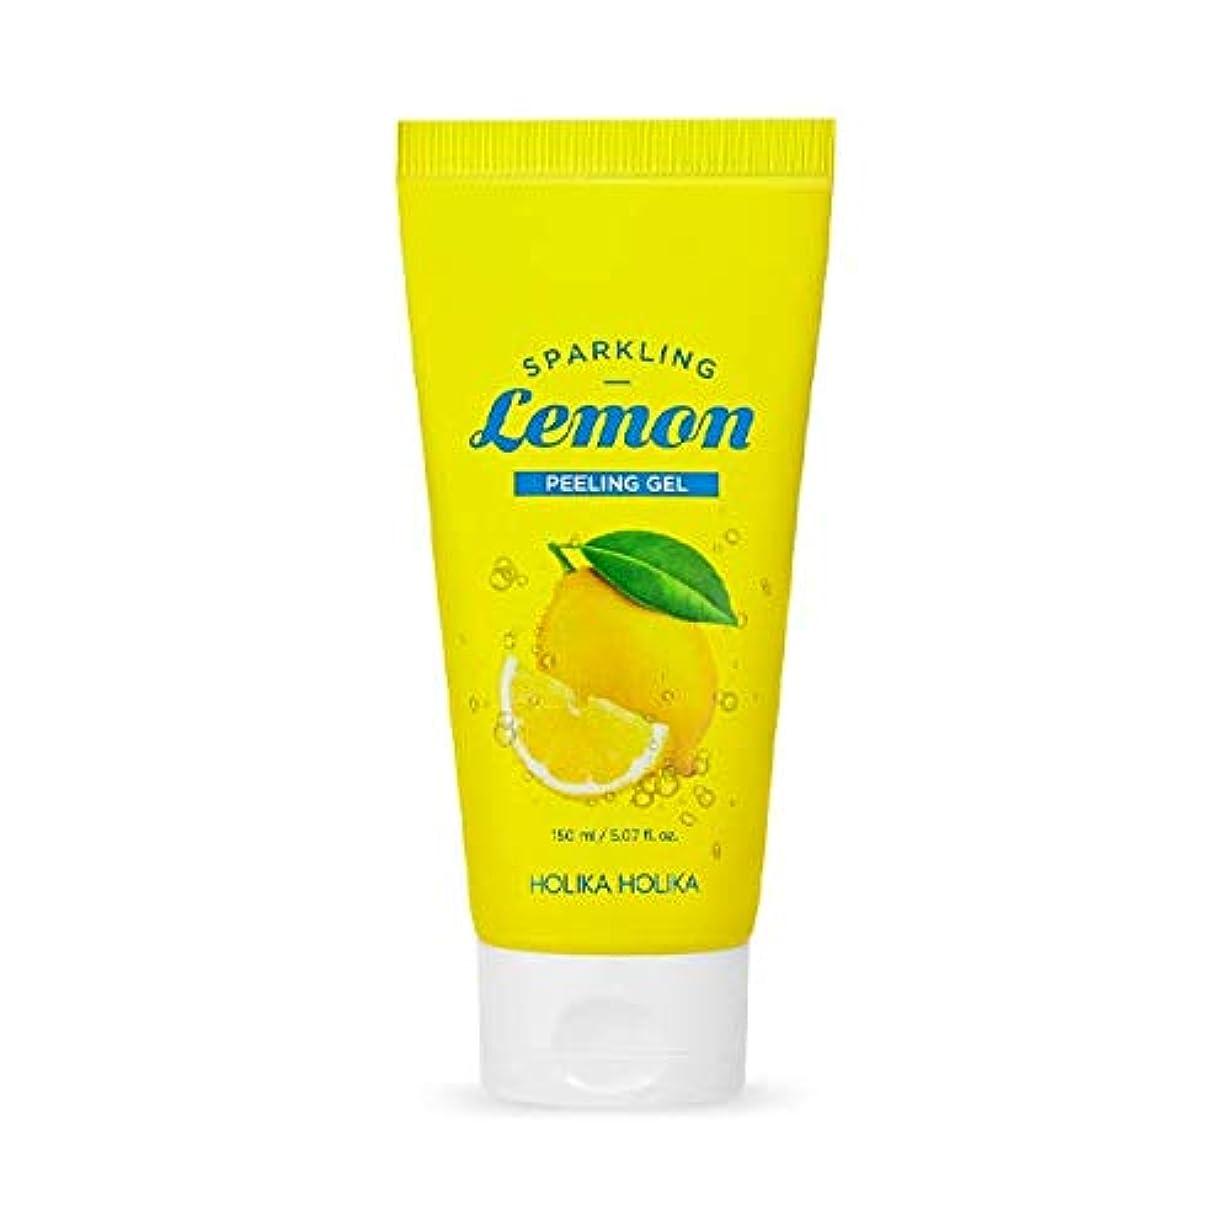 はちみつ少年専門知識ホリカホリカ 炭酸レモンピーリングジェル/HOLIKA Sparkling Lemon Peeling Gel 150ml 韓国コスメ [並行輸入品]